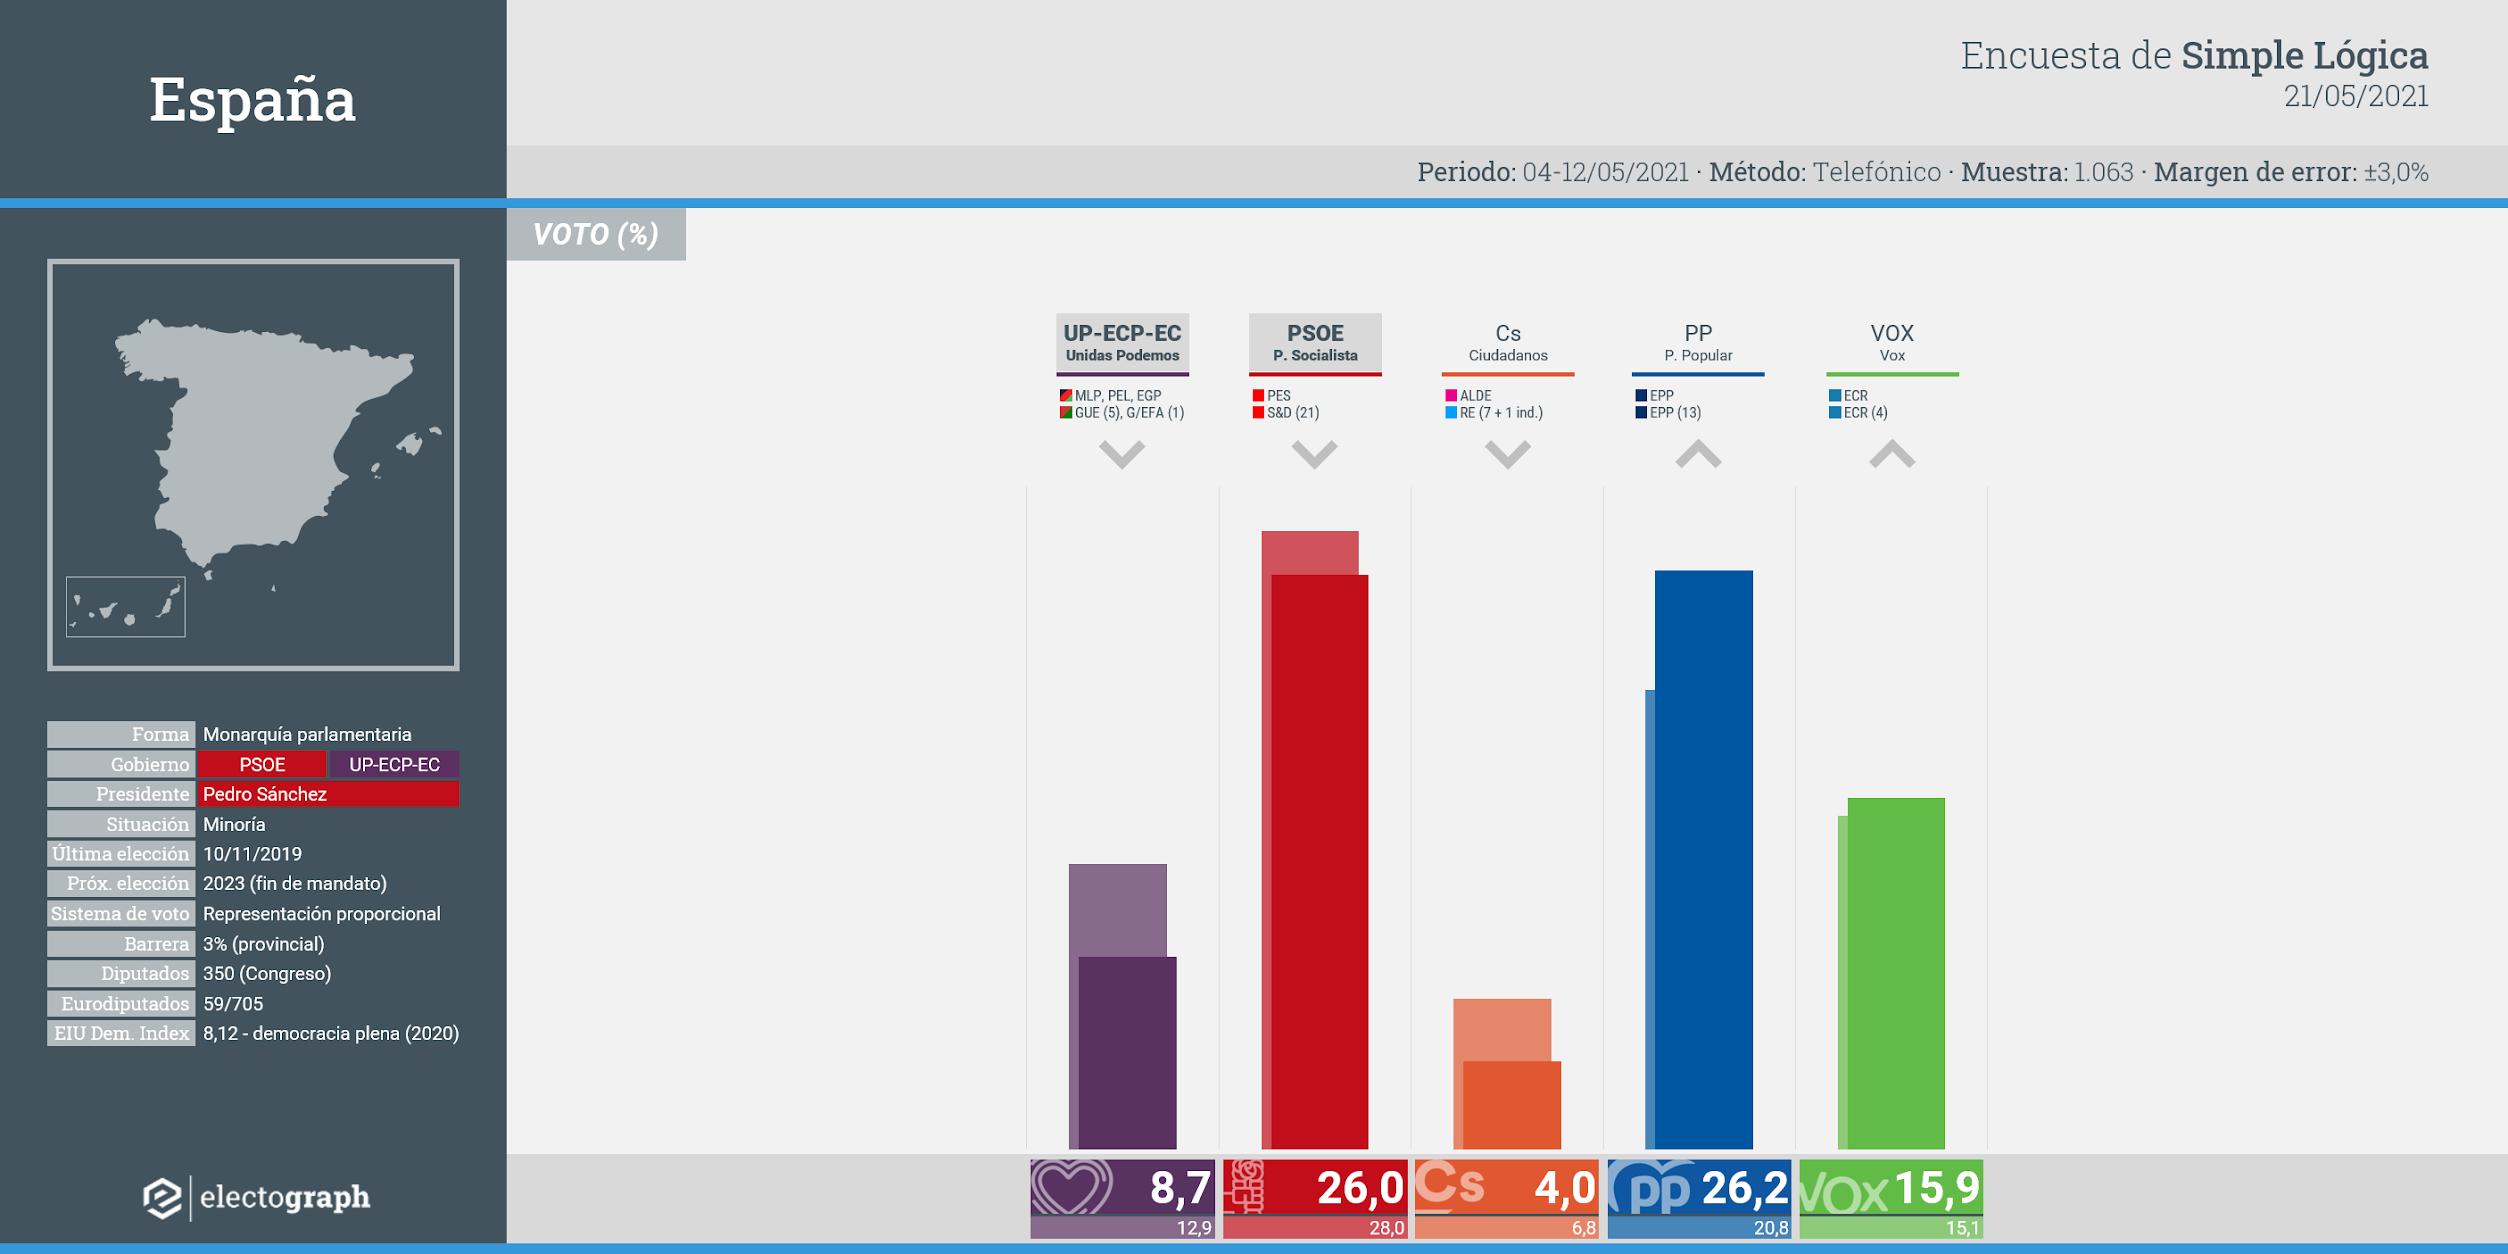 Gráfico de la encuesta para elecciones generales en España realizada por Simple Lógica, 21 de mayo de 2021